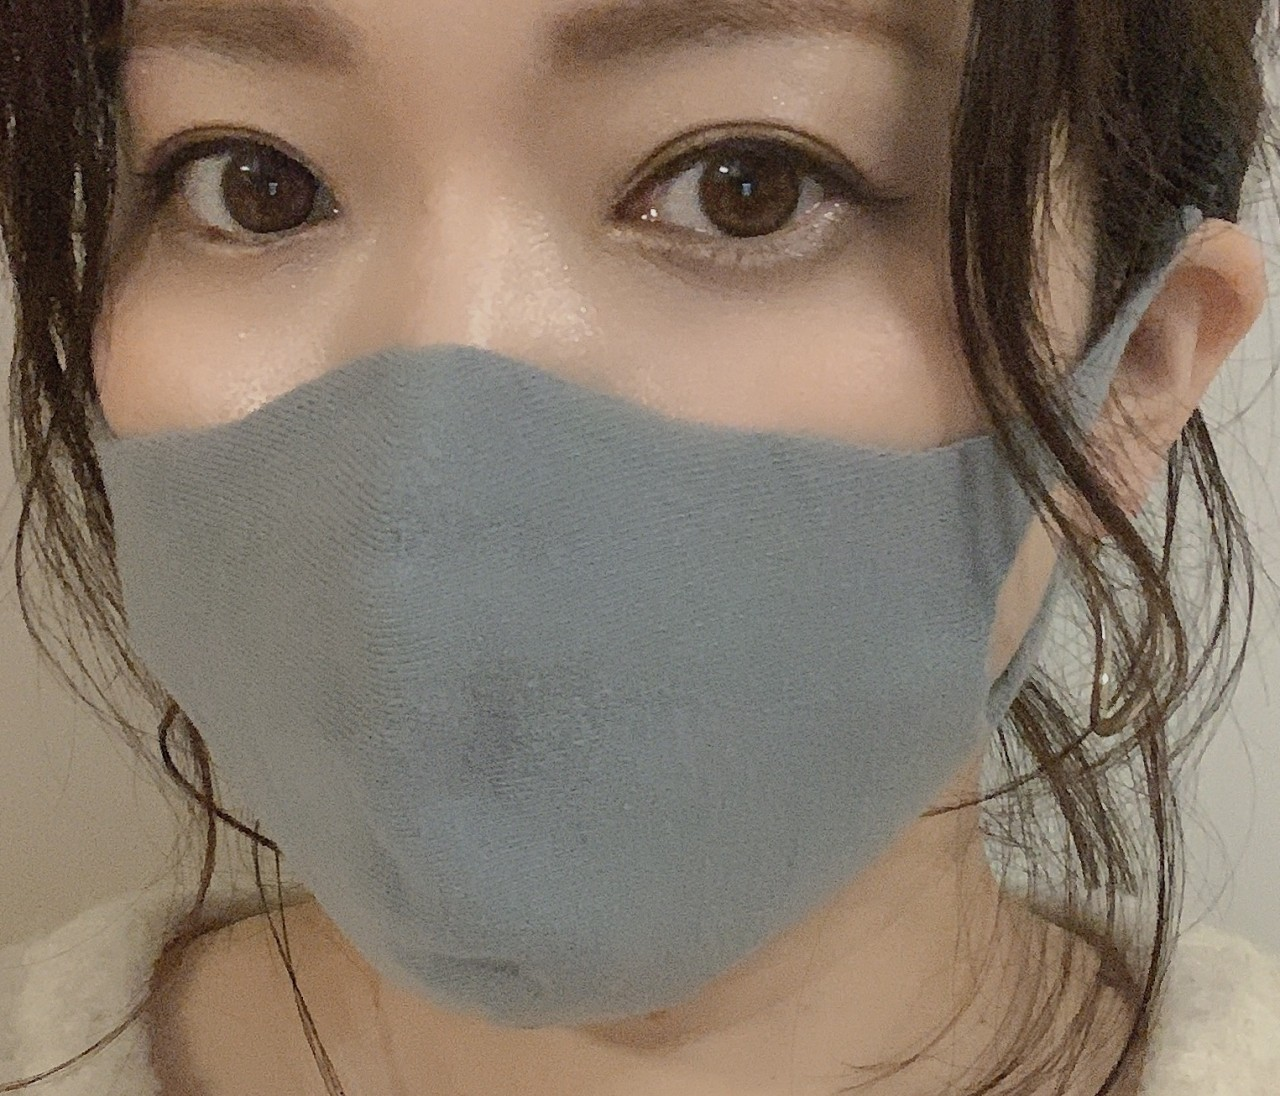 肌に優しい!息苦しくない!超敏感肌でも大丈夫なマスク発見